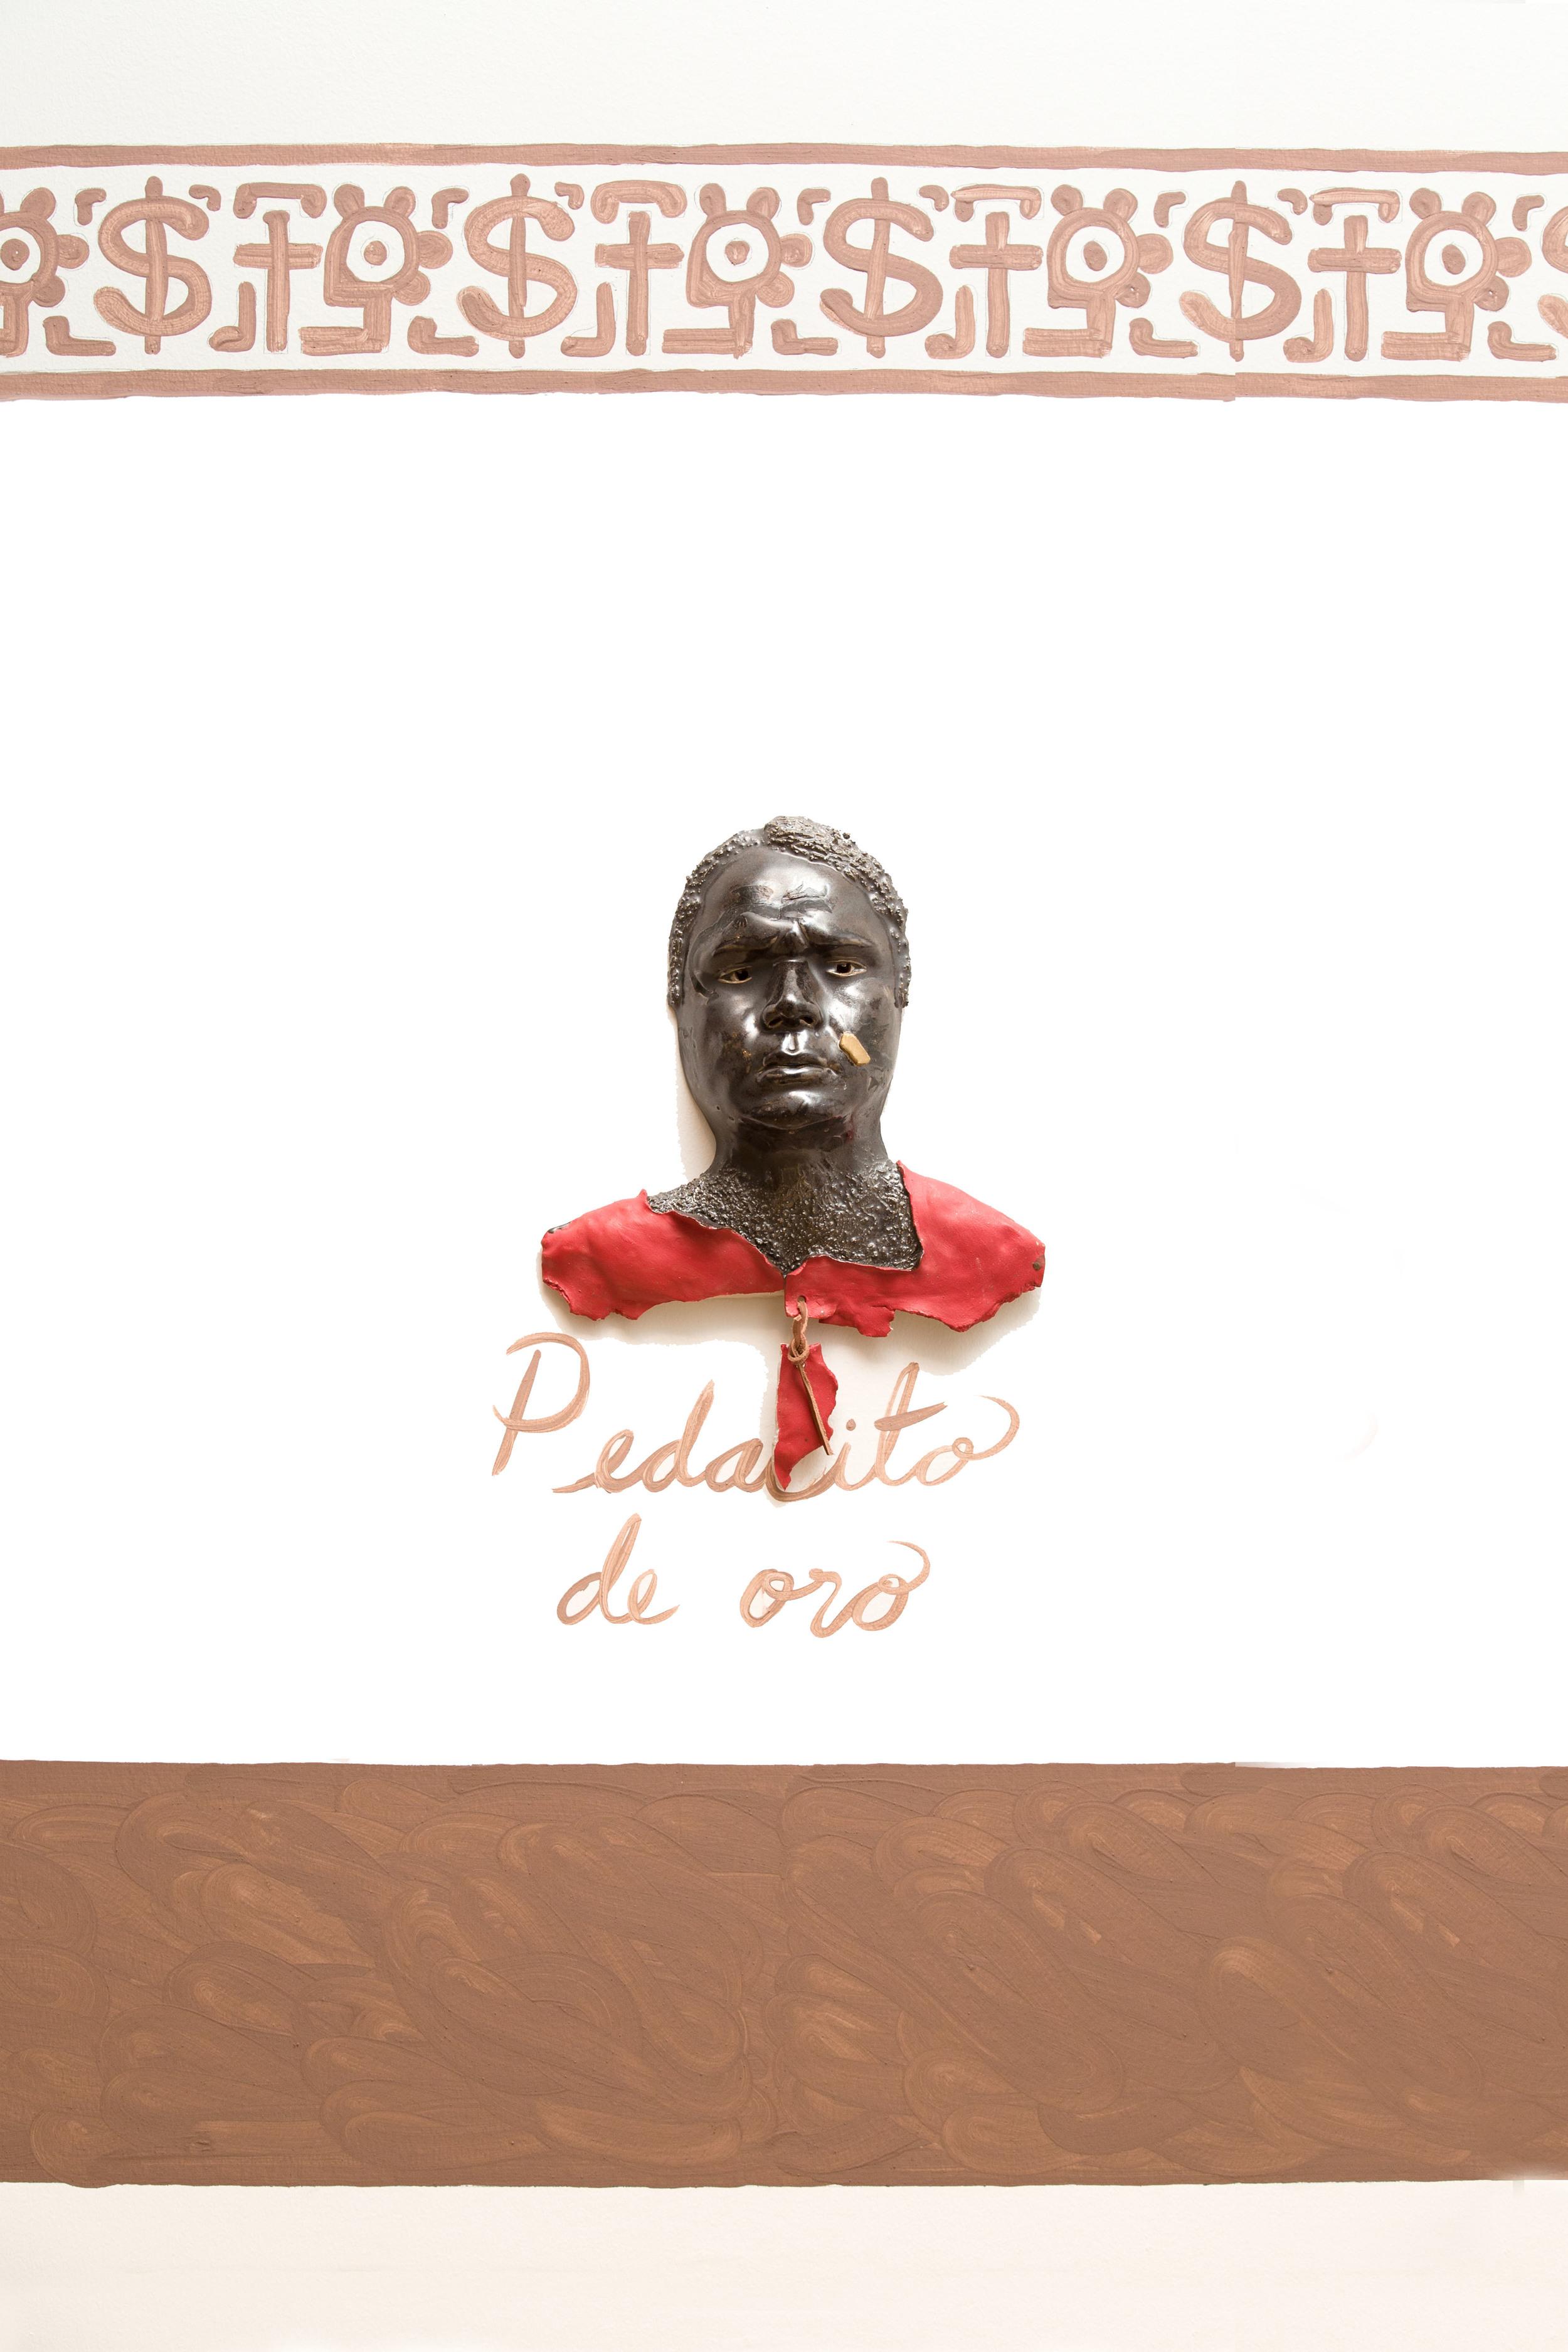 Piece of Gold/Pedacito de oro